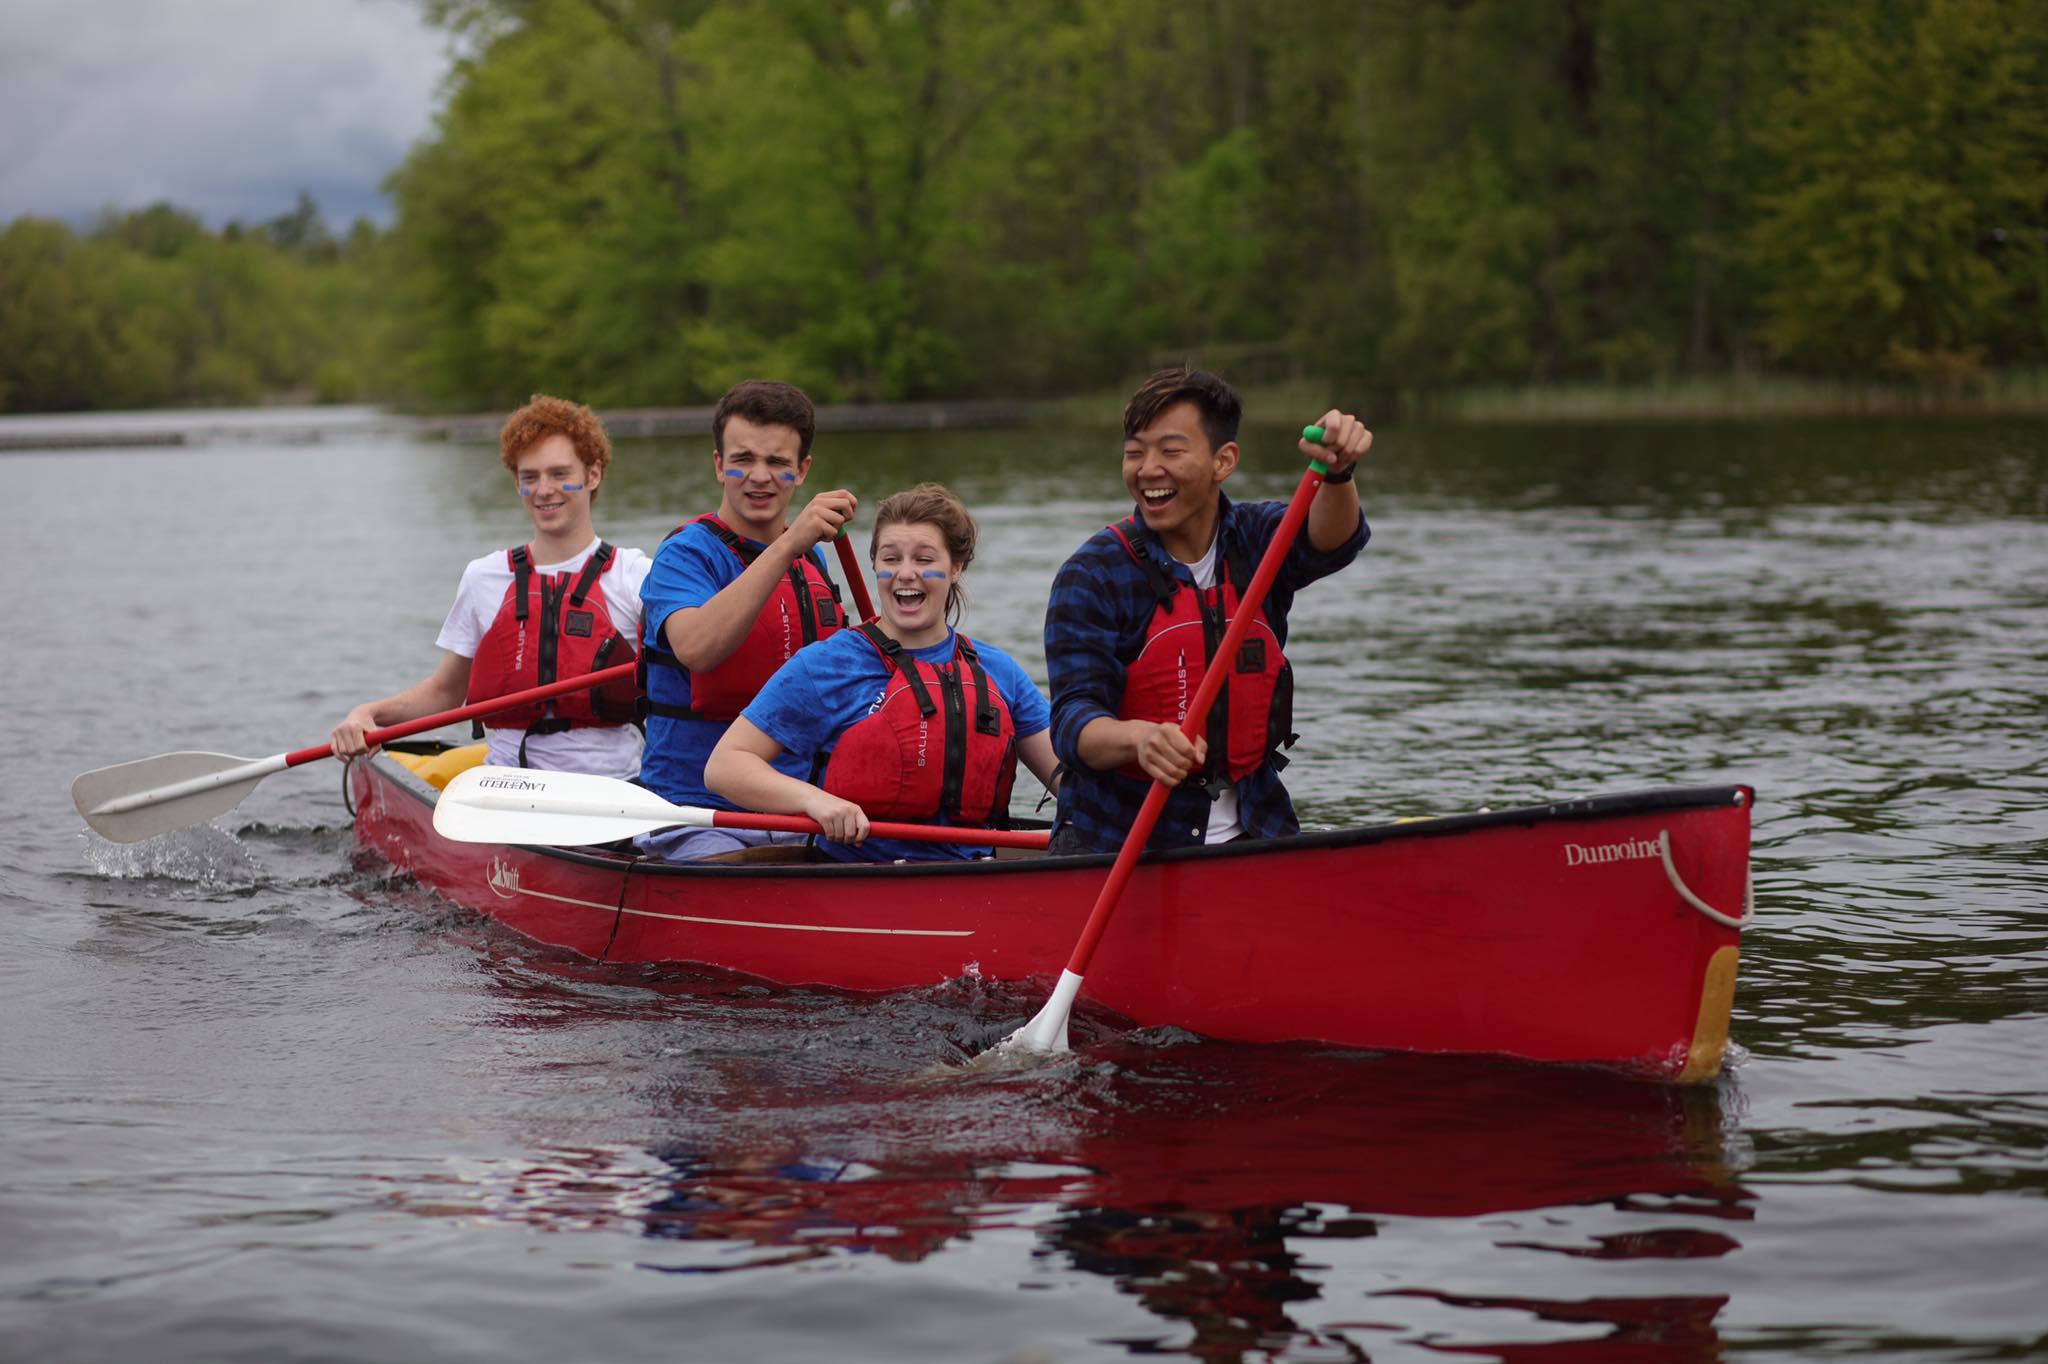 Outdoor activities help students appreciate nature